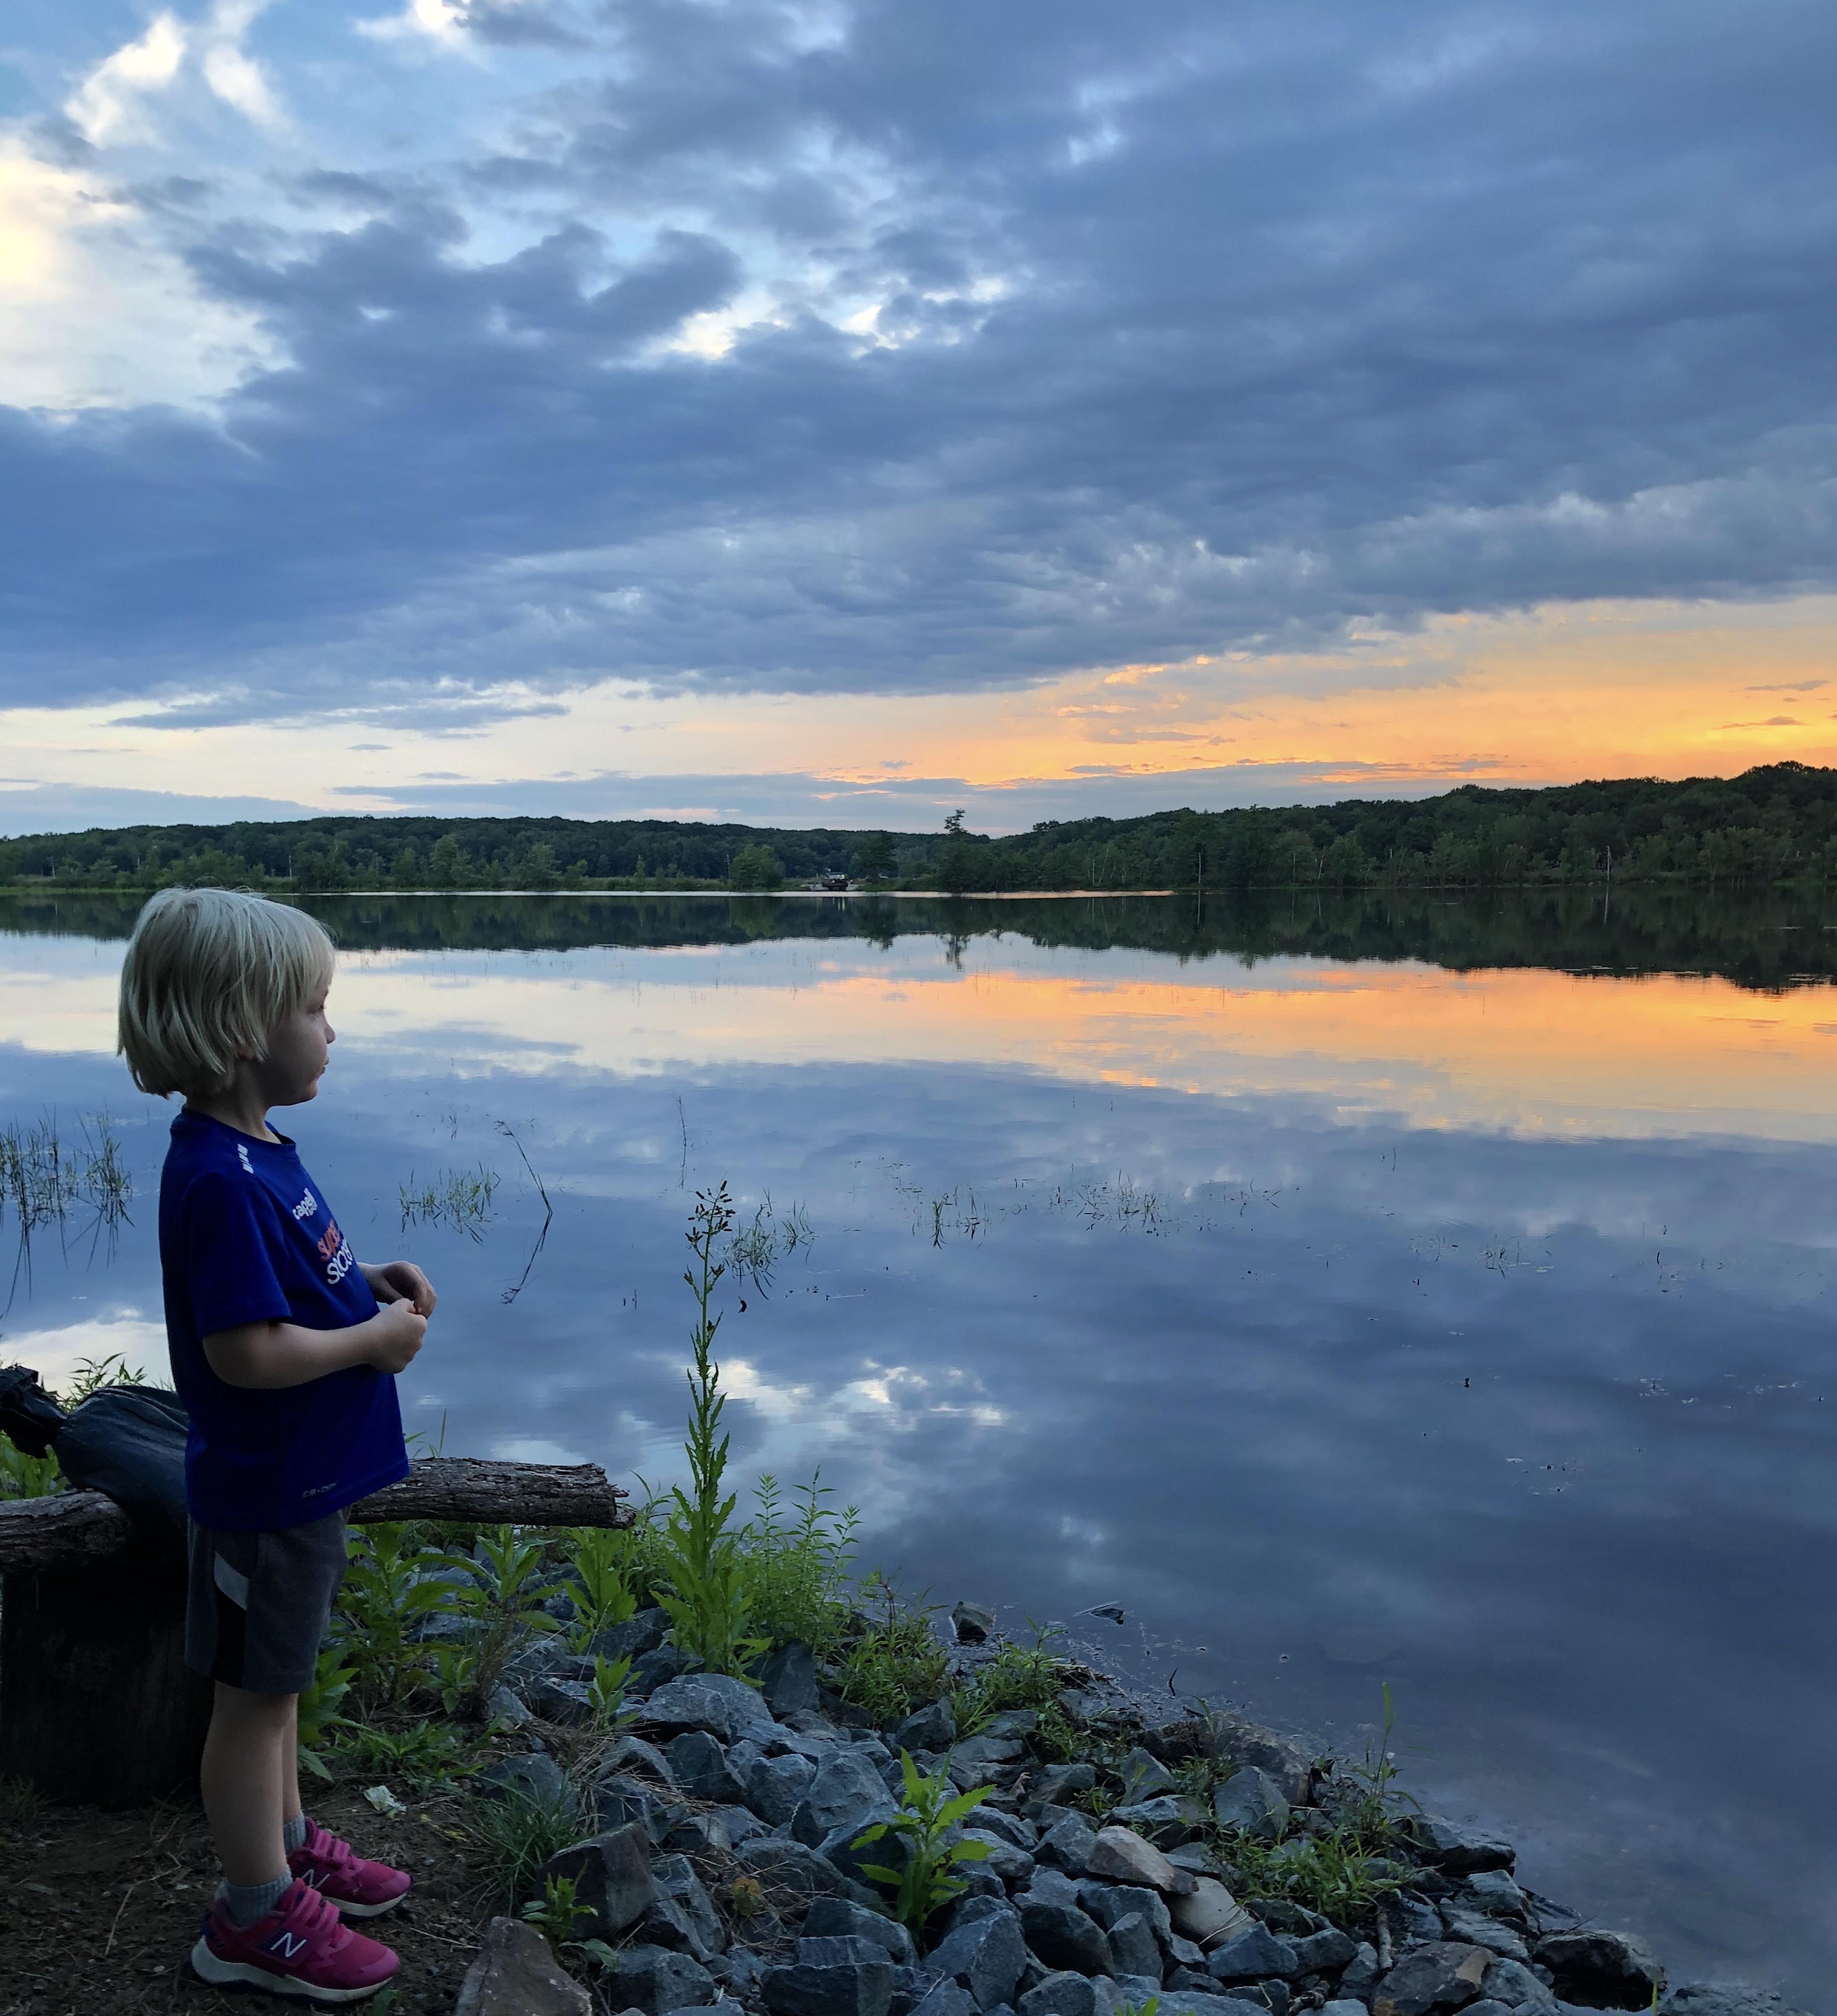 lake sunset 2020